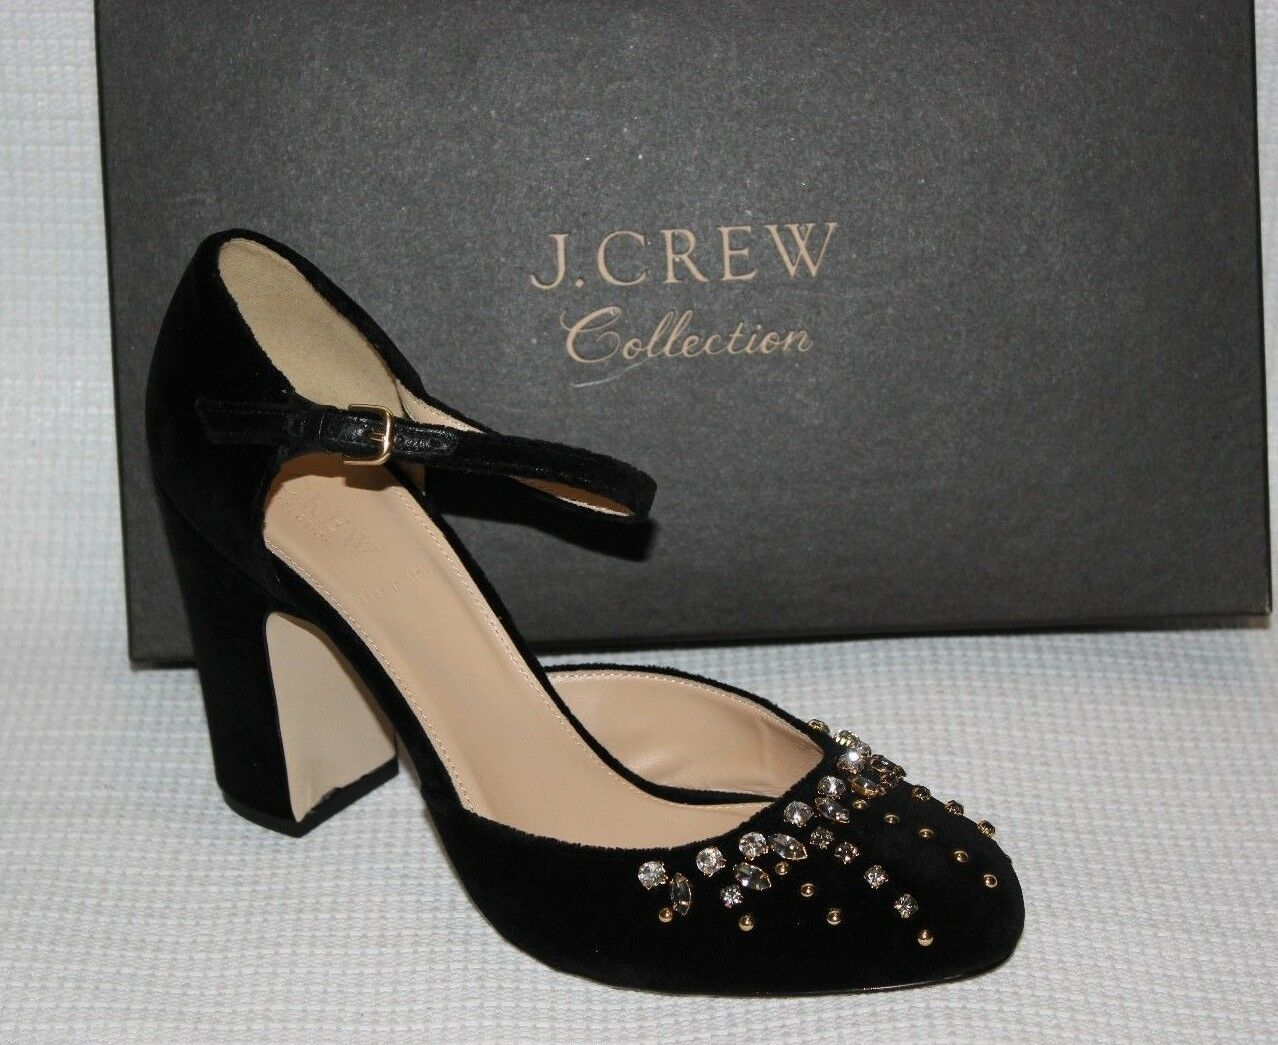 J.CREW  Collection EMBELLISHED MARY JANE PUMPS Dimensione 9 nero H1871  negozio di moda in vendita